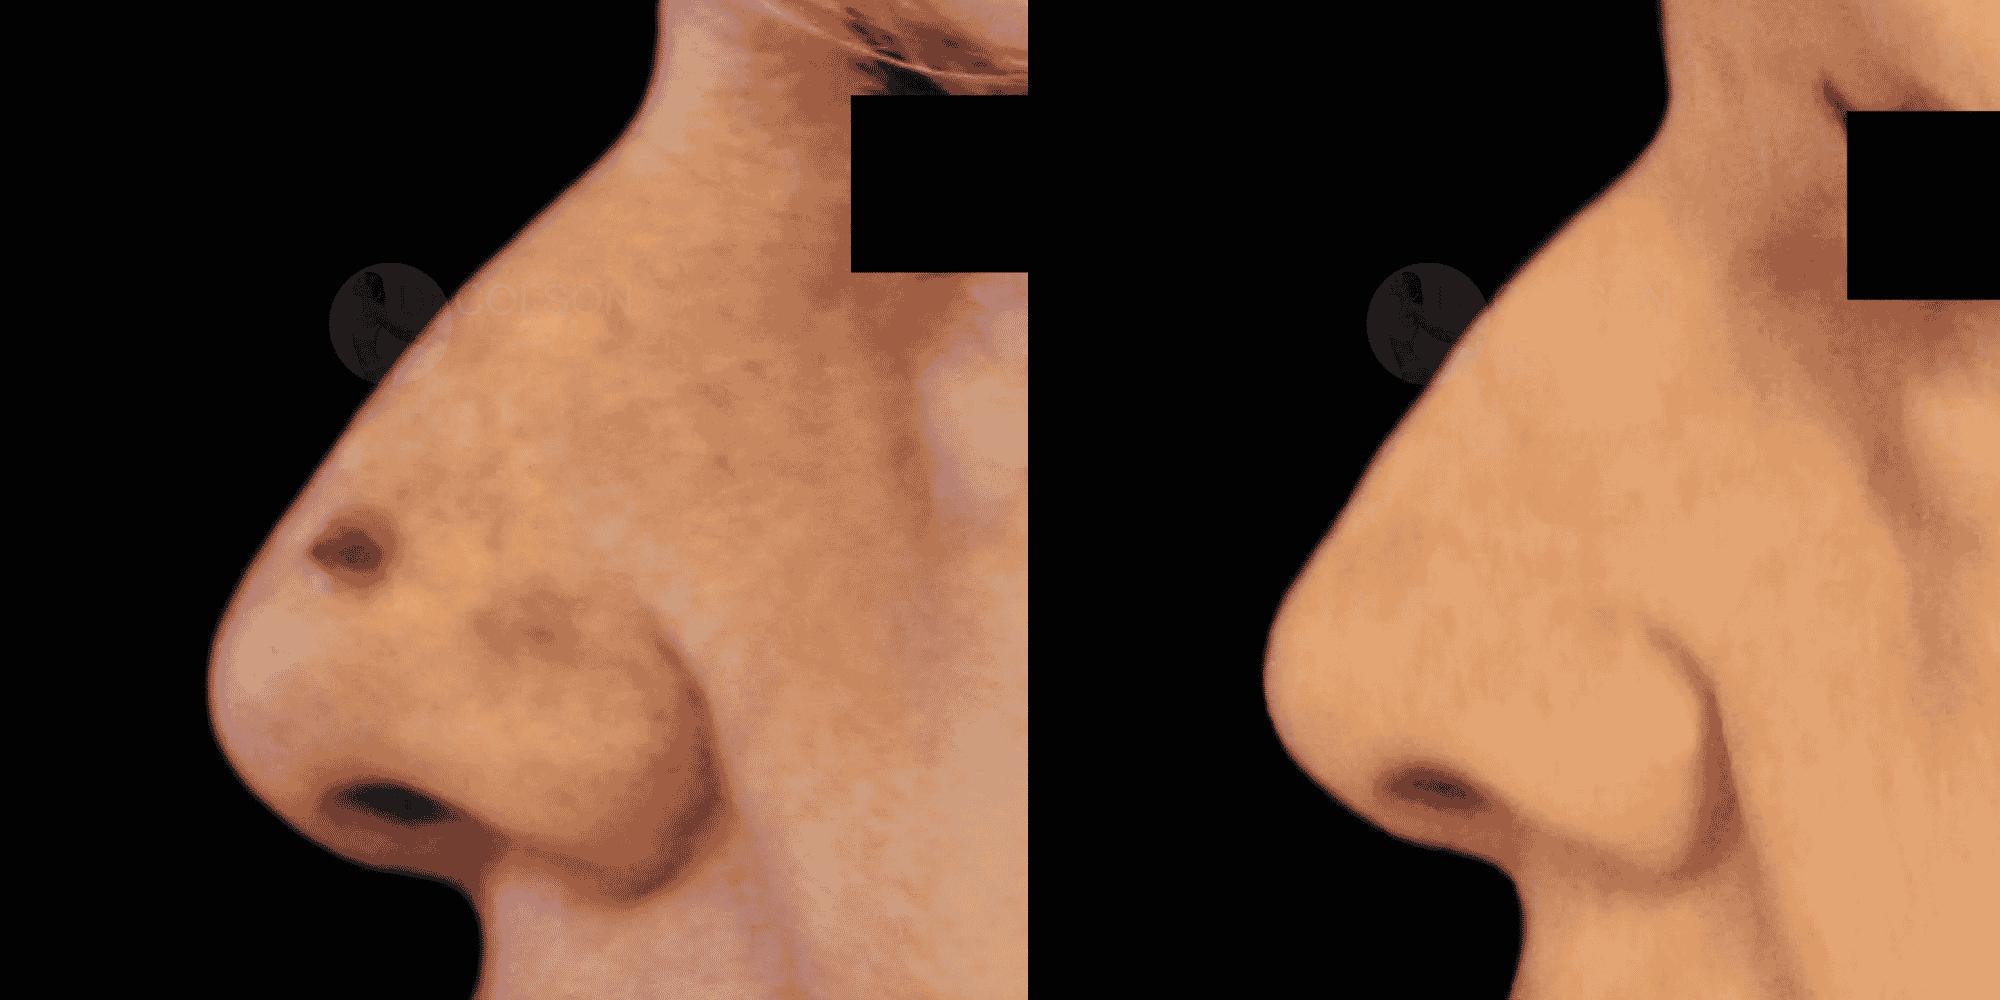 Dr Colson - Chirurgie peau - Tumeur cutanee Profil